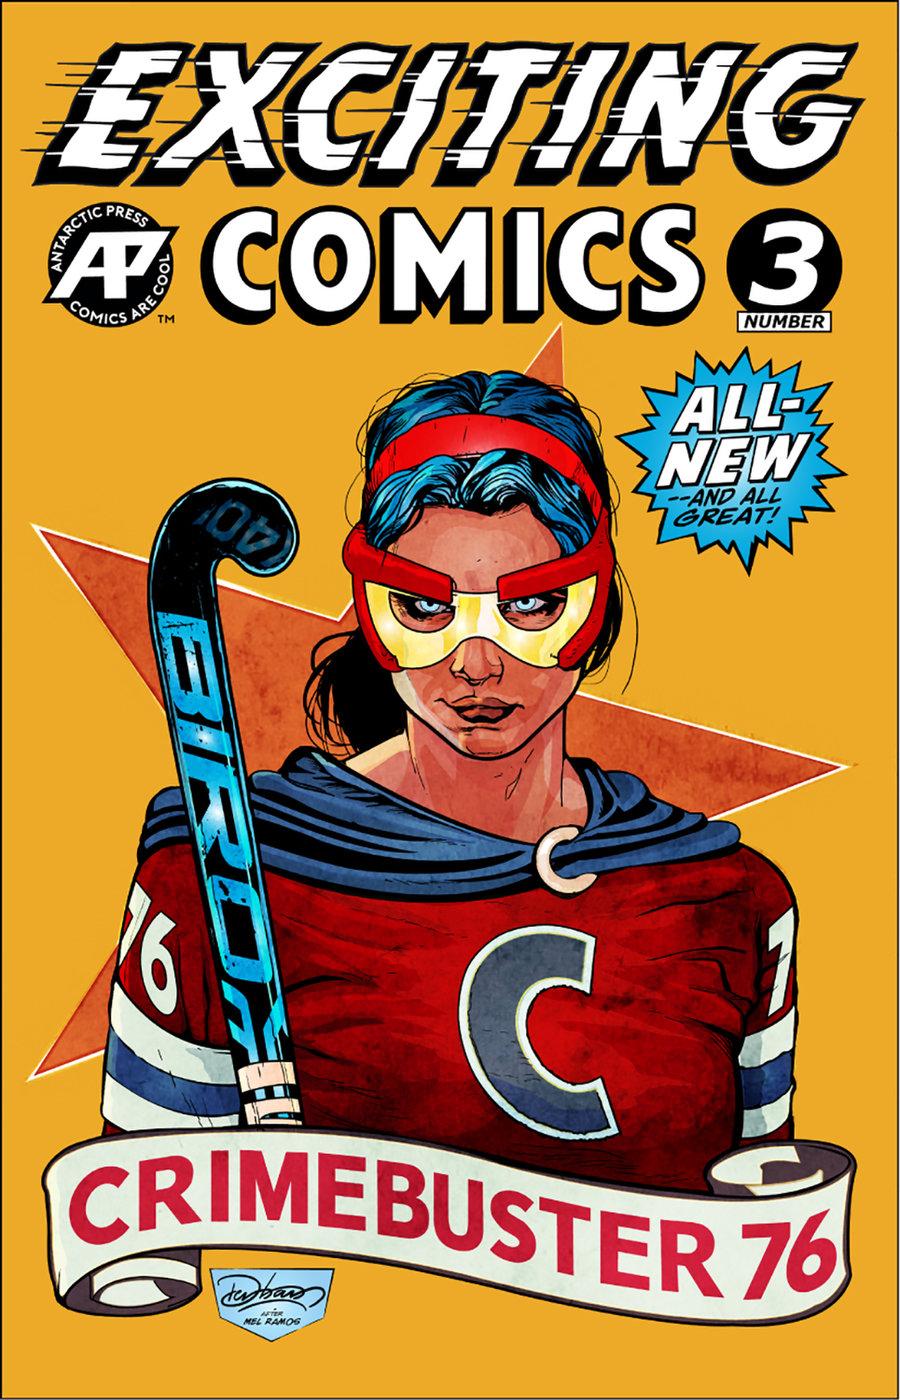 Antarctic Press June 2019 Solicitations  U2013 First Comics News